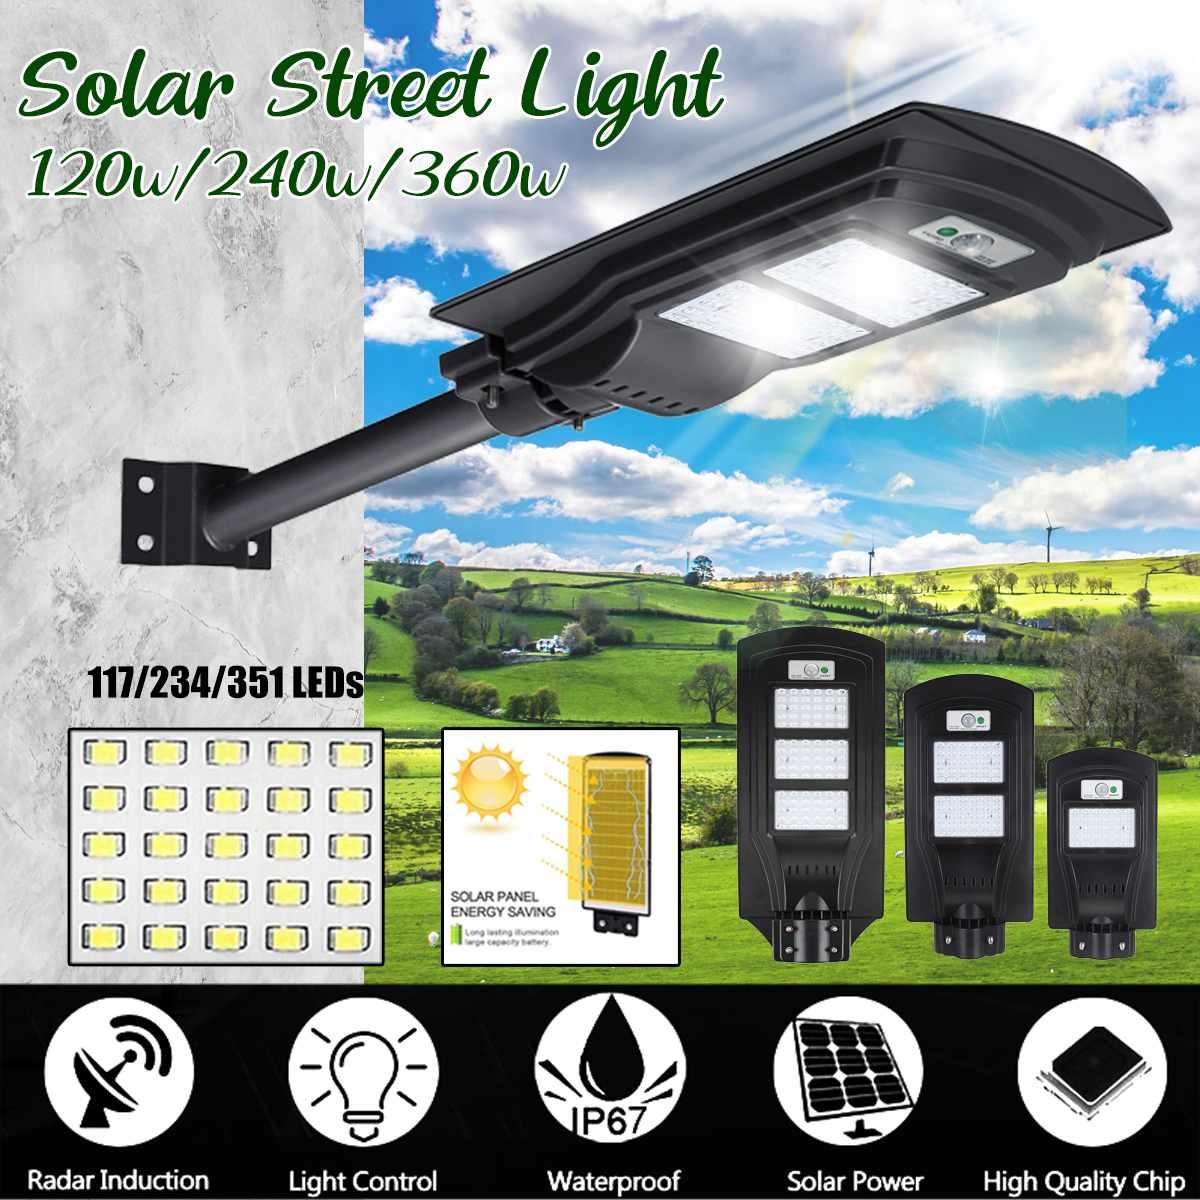 Contrebande xi 21000LM 120 W/240 W/360 W réverbère solaire 117/234/351 LED éclairage extérieur lampe de sécurité capteur de mouvement télécommande IP65